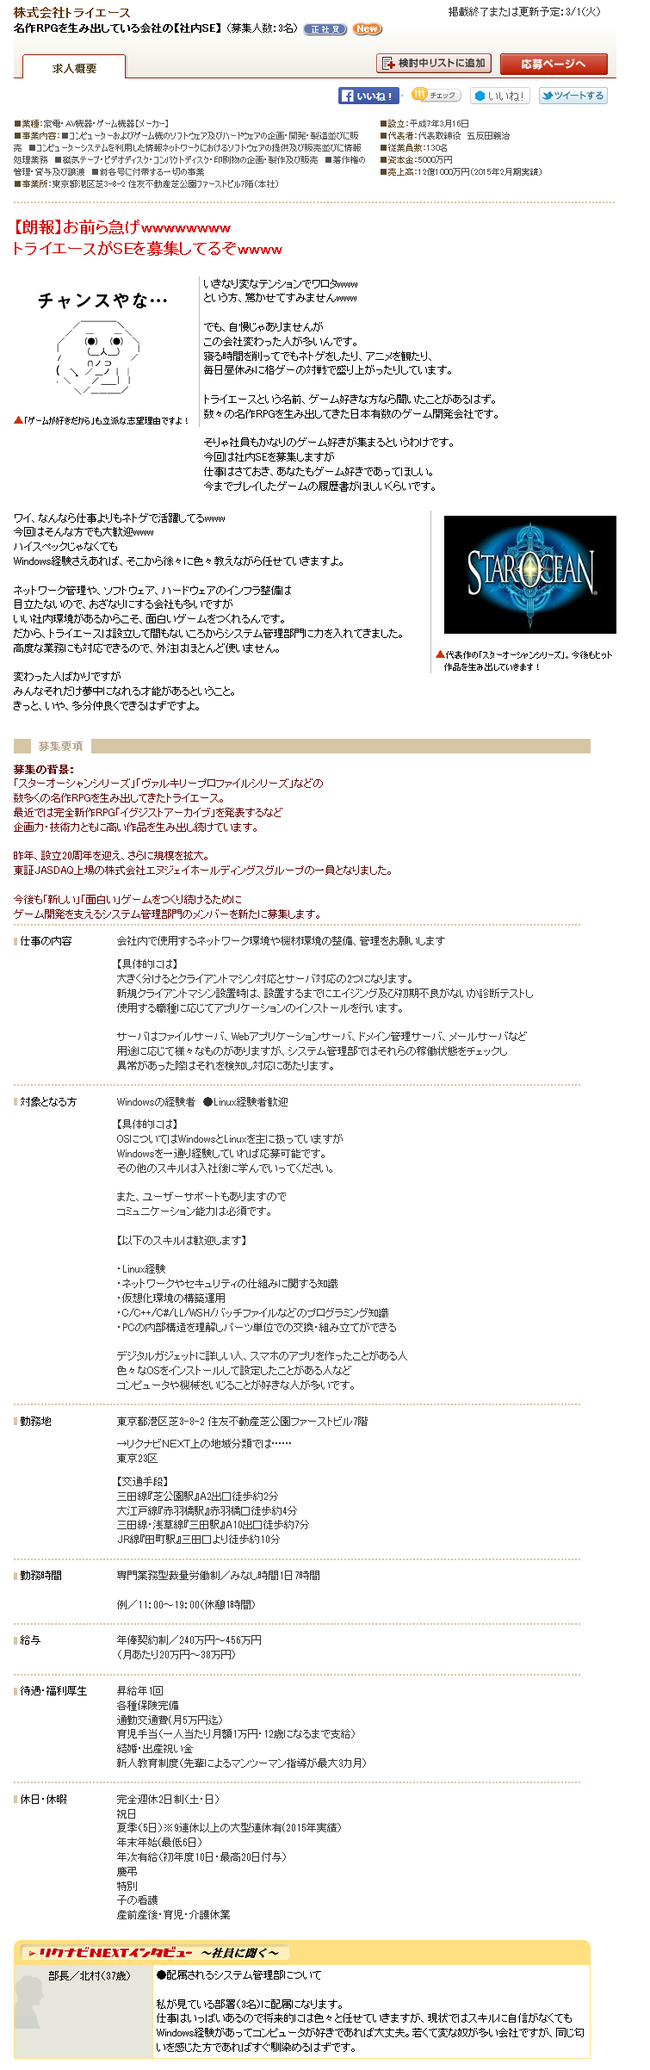 暴走 ゲーム会社 トライエース 求人 リクナビNEXT 修正 やる夫 まとめブログ に関連した画像-02